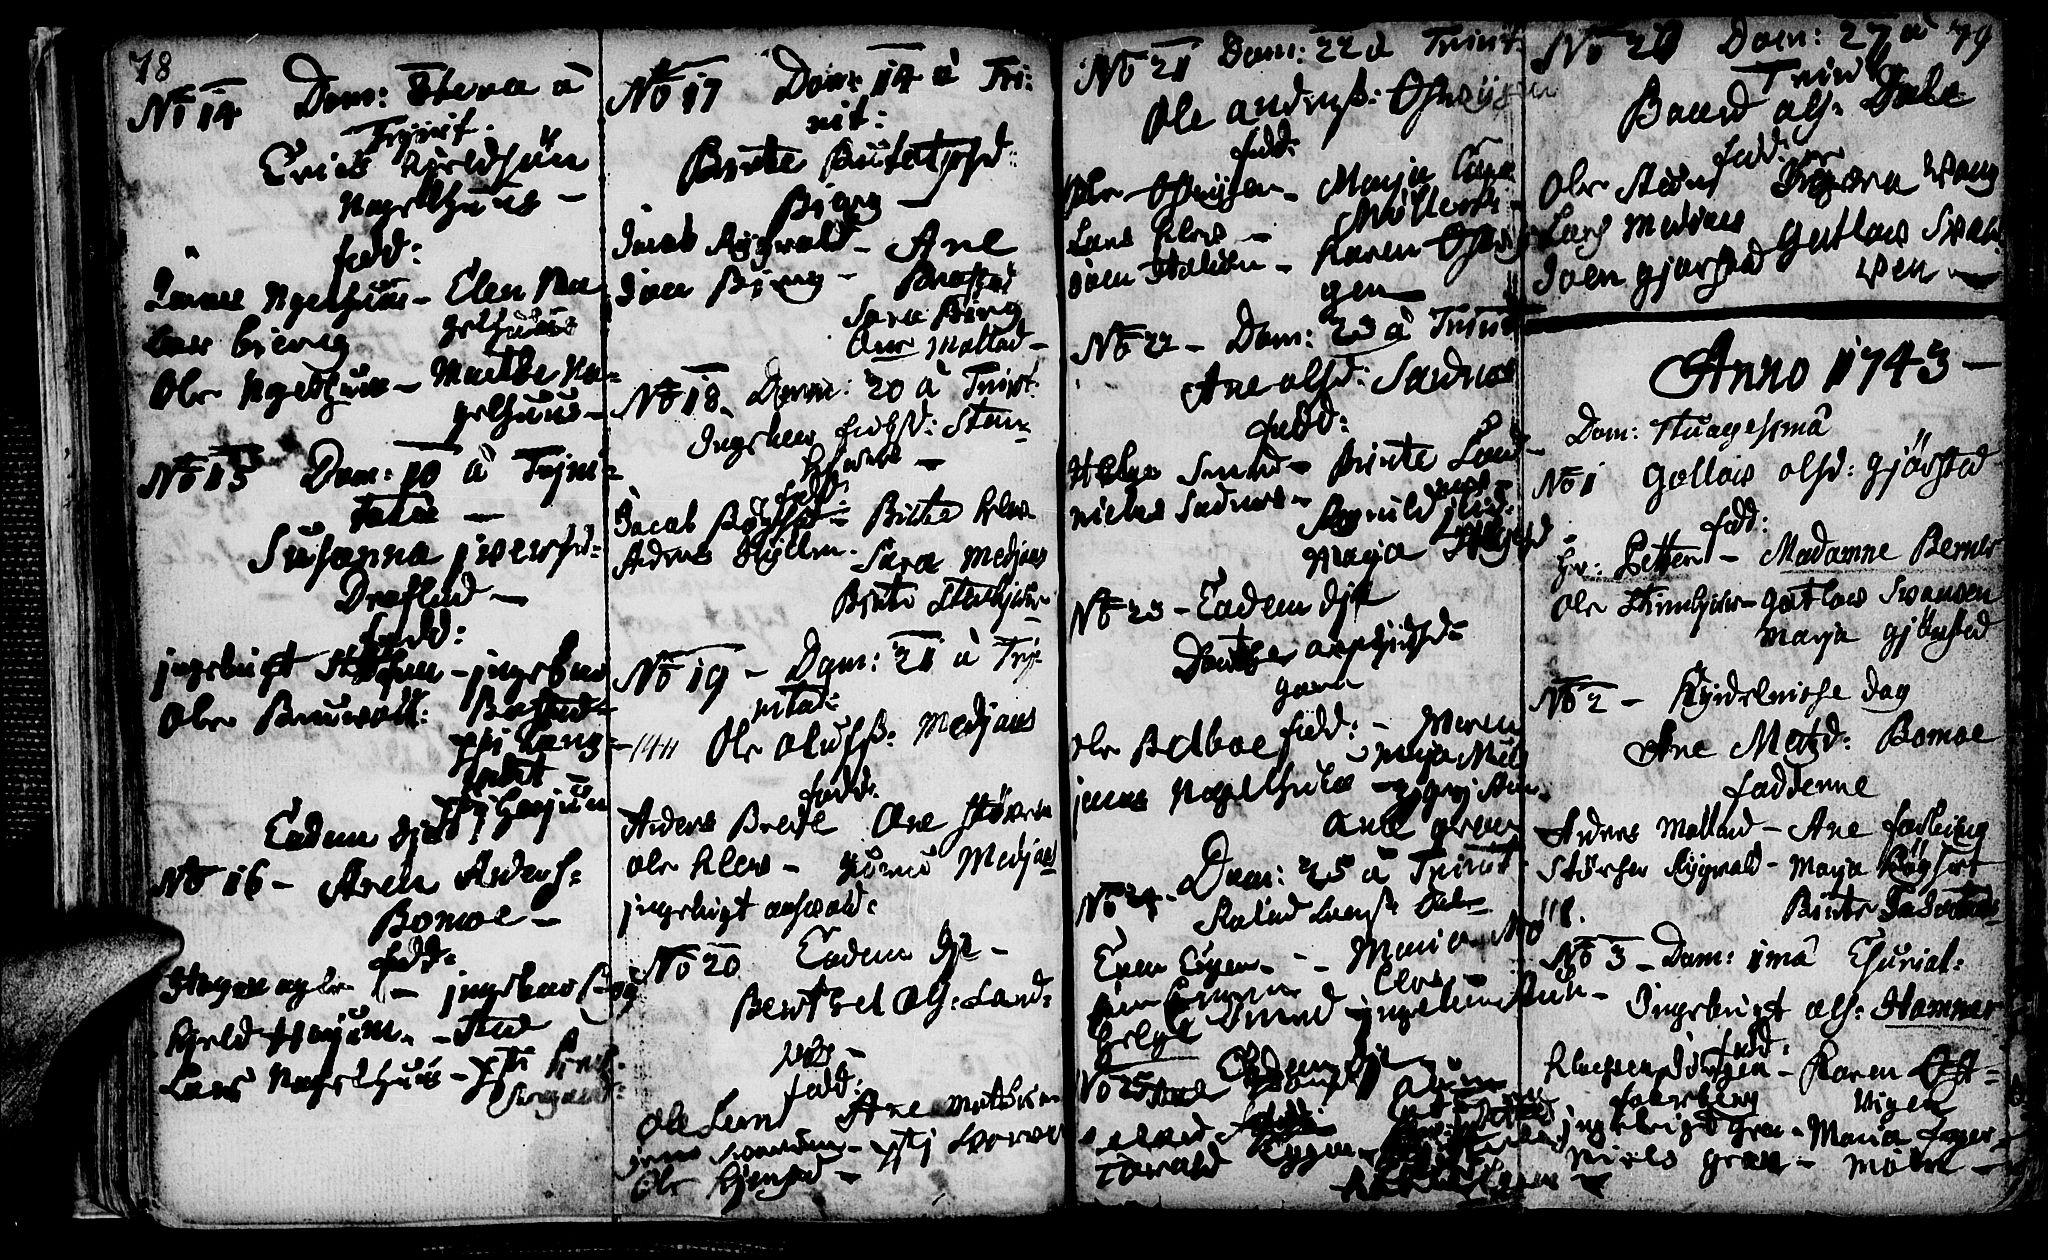 SAT, Ministerialprotokoller, klokkerbøker og fødselsregistre - Nord-Trøndelag, 749/L0467: Ministerialbok nr. 749A01, 1733-1787, s. 78-79